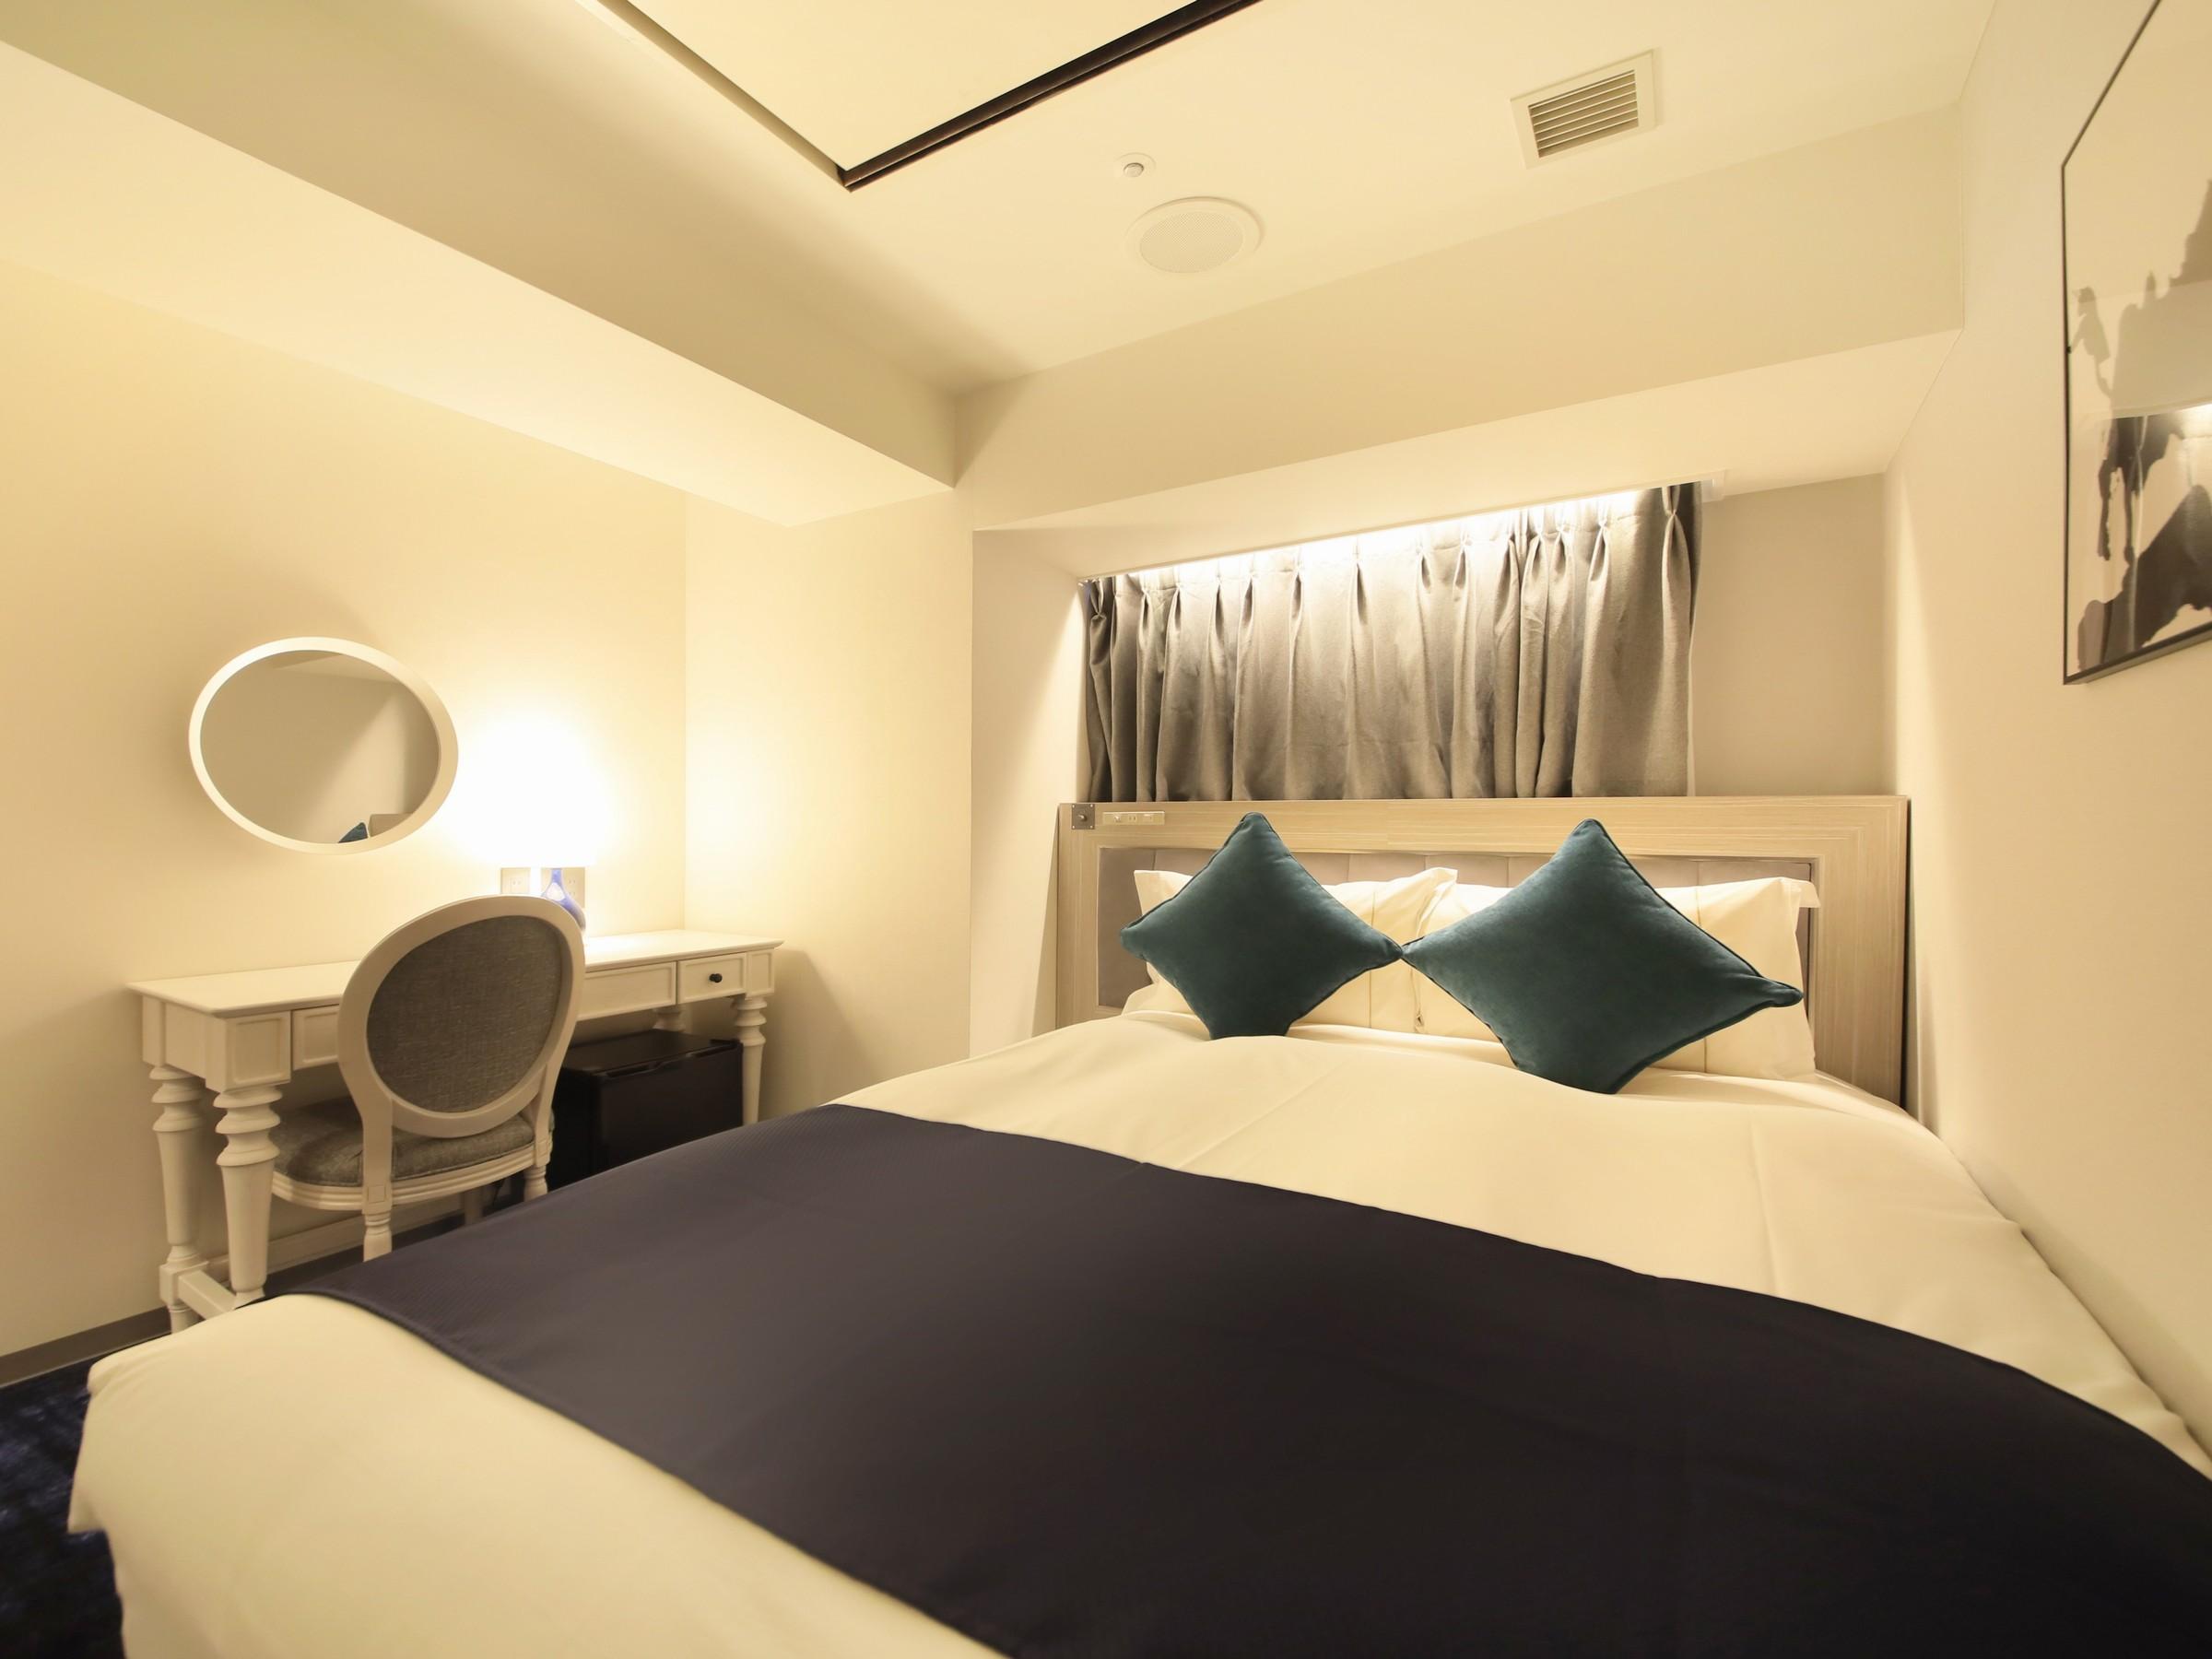 センチュリオンホテル札幌 / ◆全室禁煙◆スタンダードダブル《1-2名様》